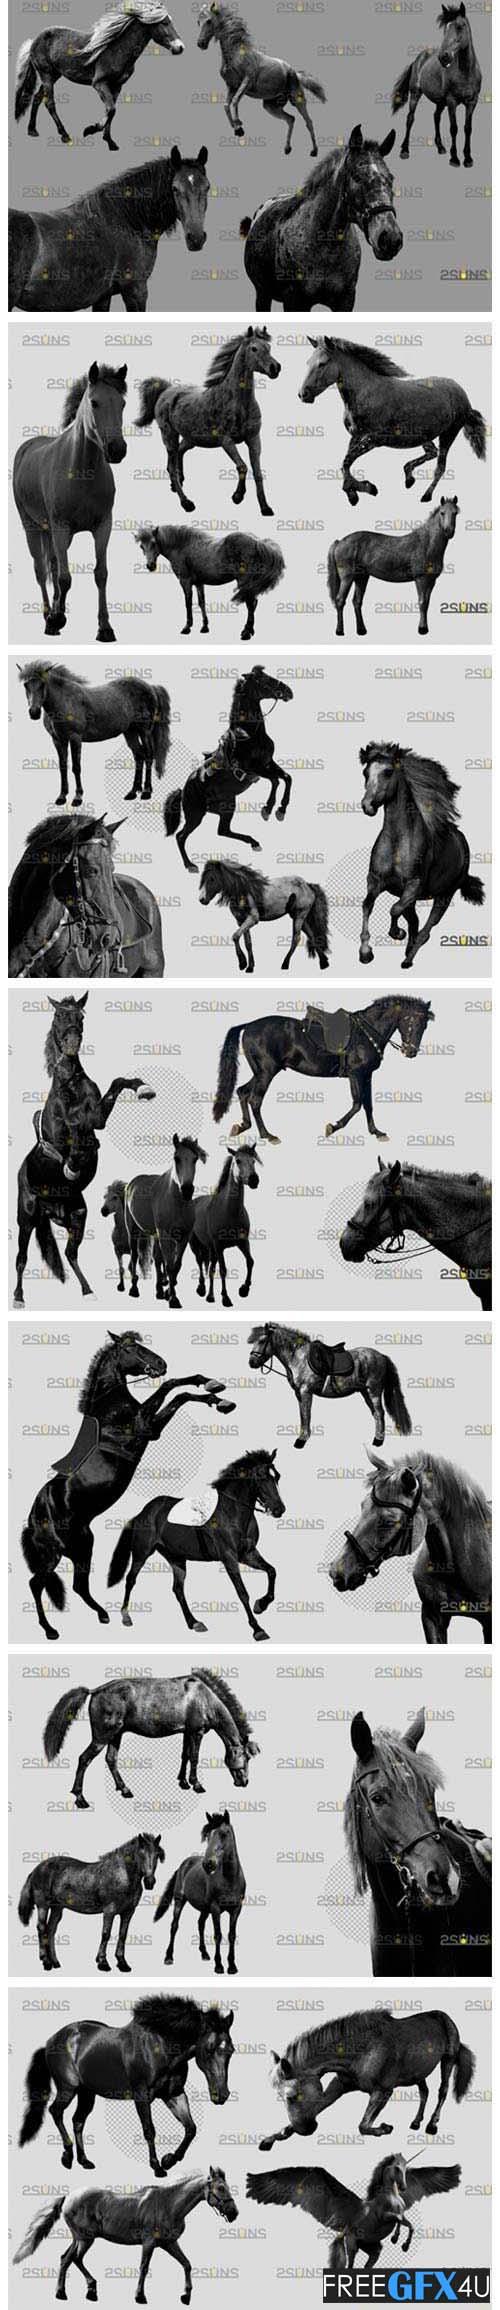 Black Horse Photoshop Overlay